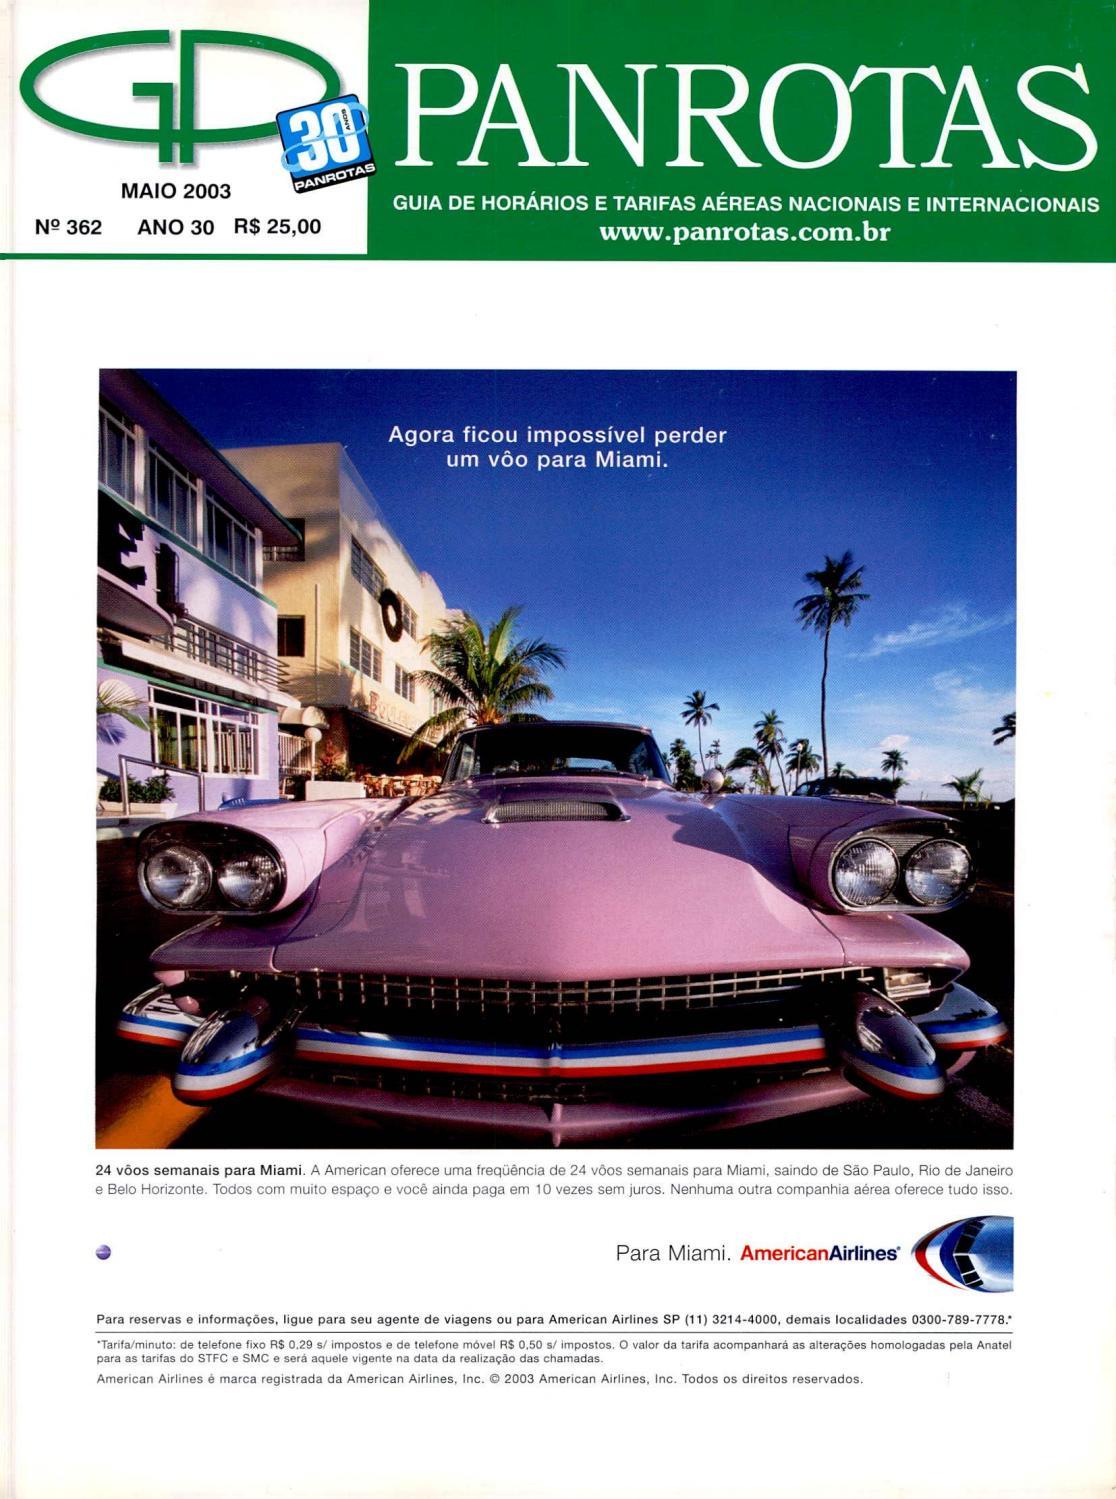 Guia Panrotas - Edição 362 - Maio 2003 by PANROTAS Editora - issuu ee8dd286039